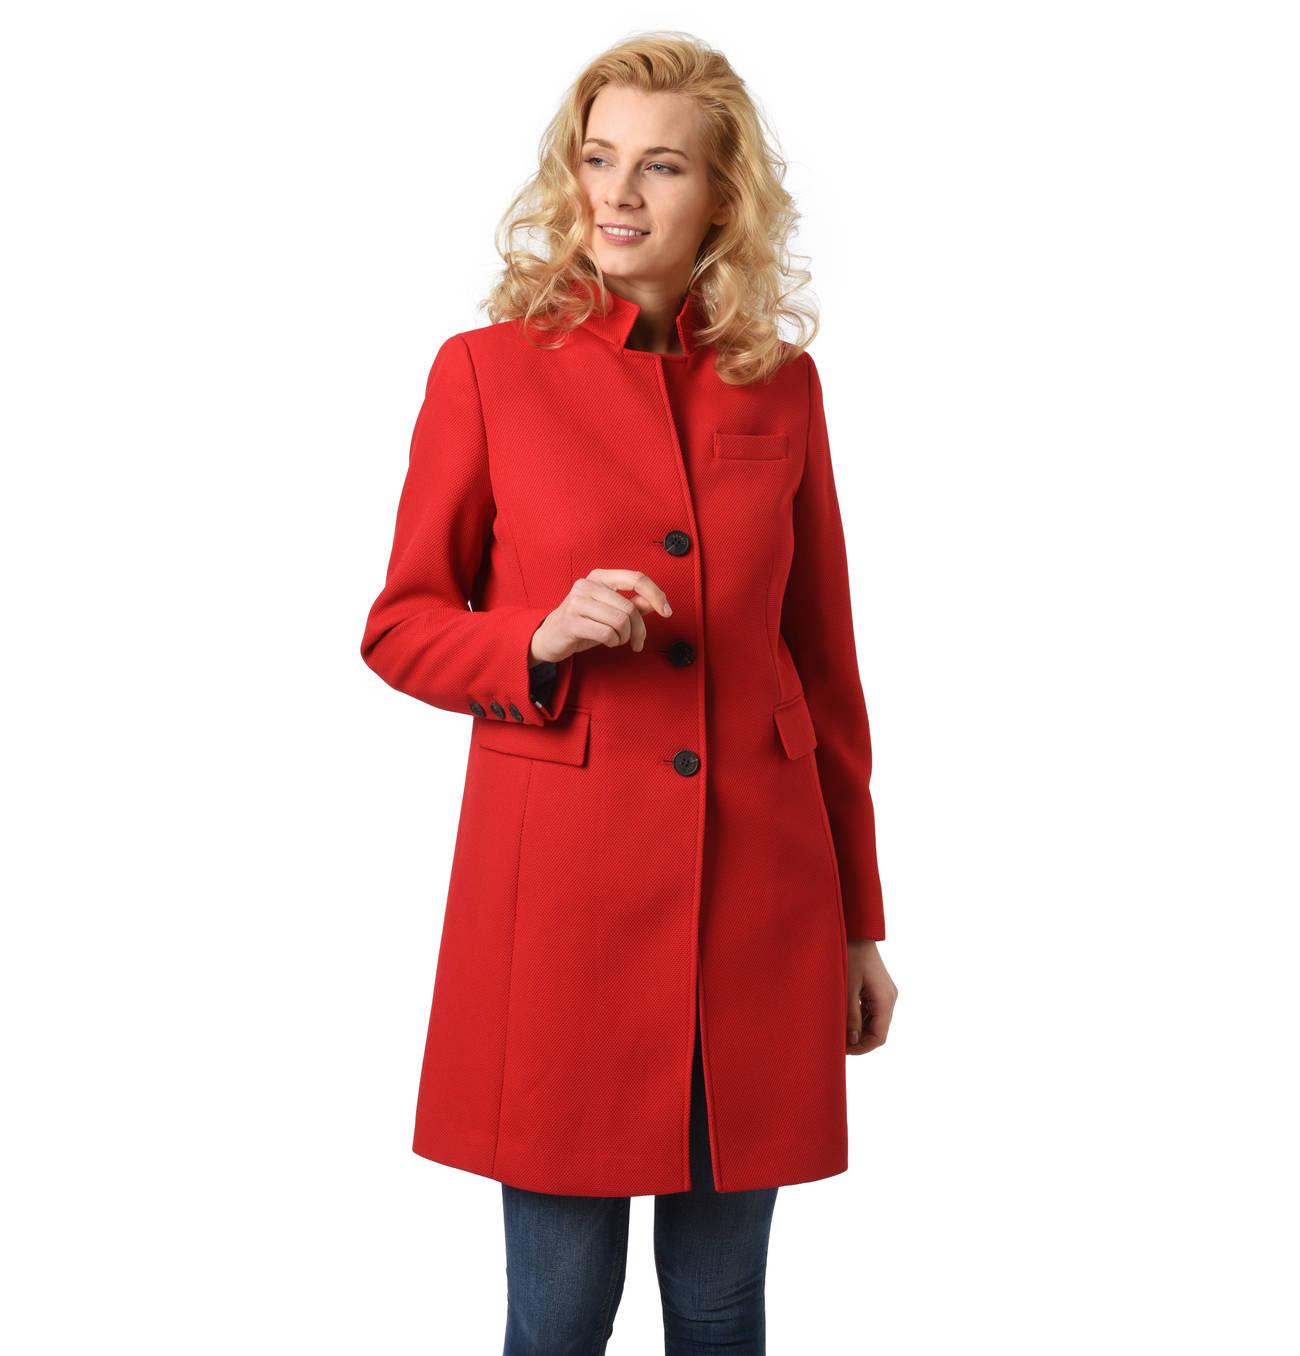 Mantel, Stehkragen, Knopfleiste, Zier Taschen, Brusttasche